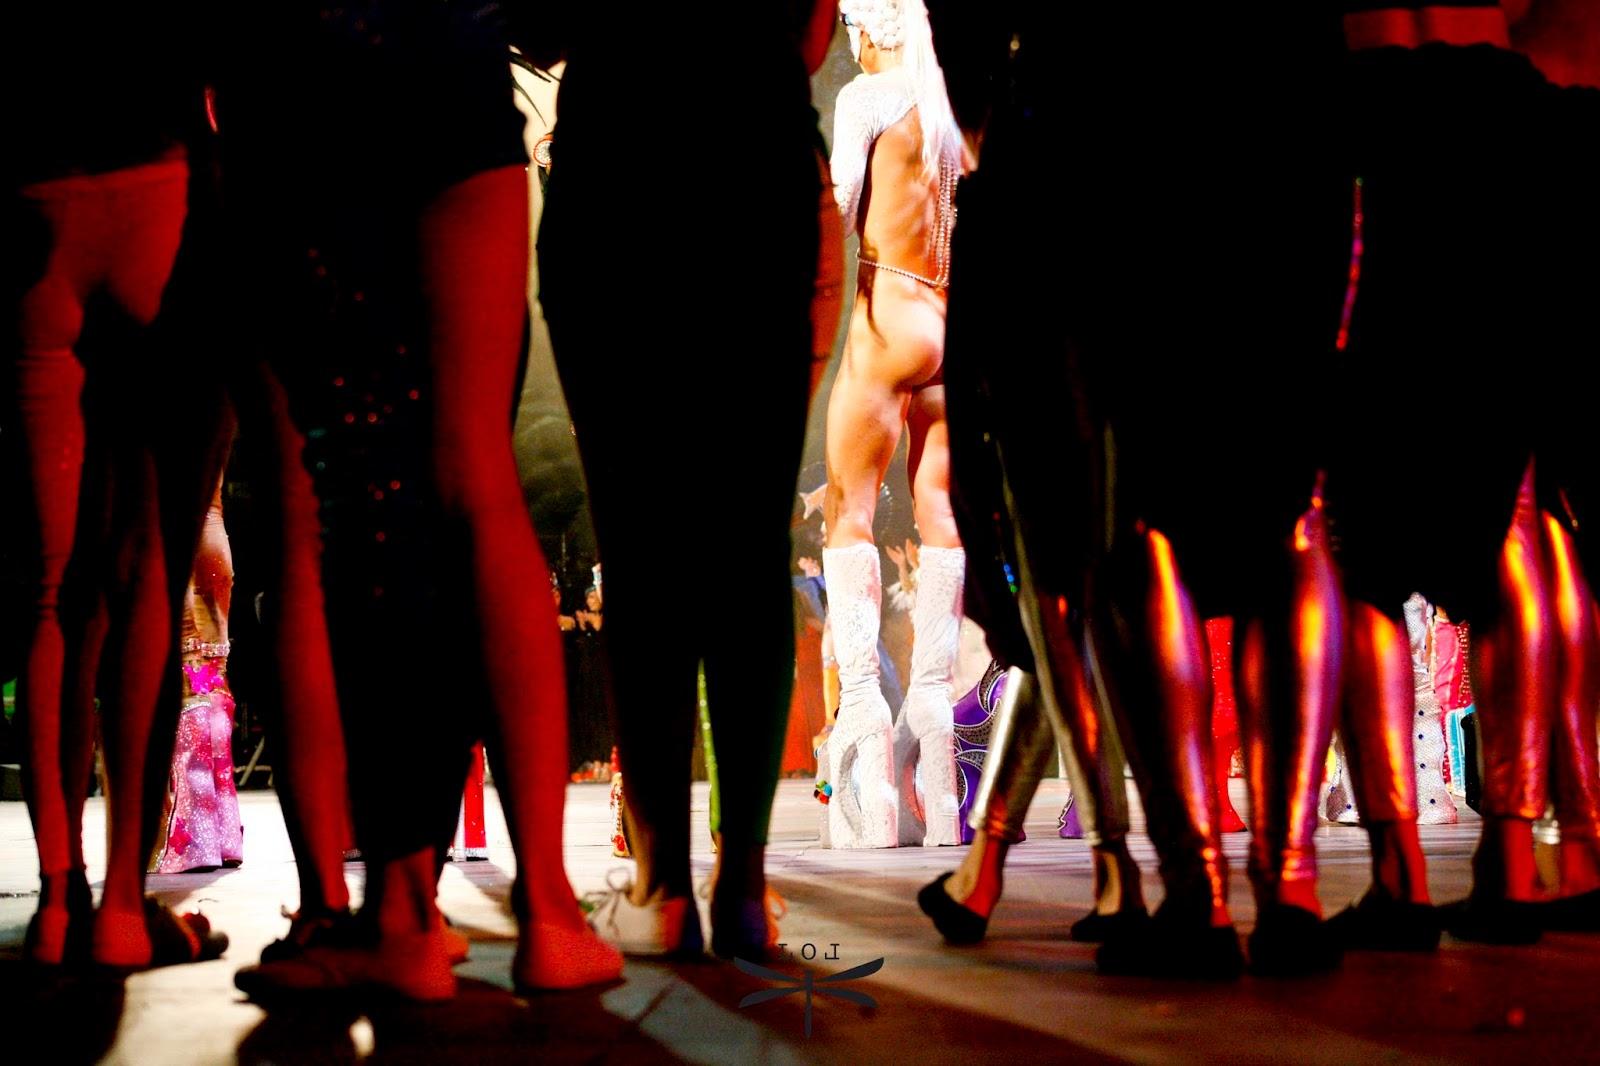 Gala-Drag-Queen-Las-Palmas-de-Gran-Canaria-2014-Leticia-Oliva-Lekue-ElblogdePatricia-plataformas-calzado-zapatos